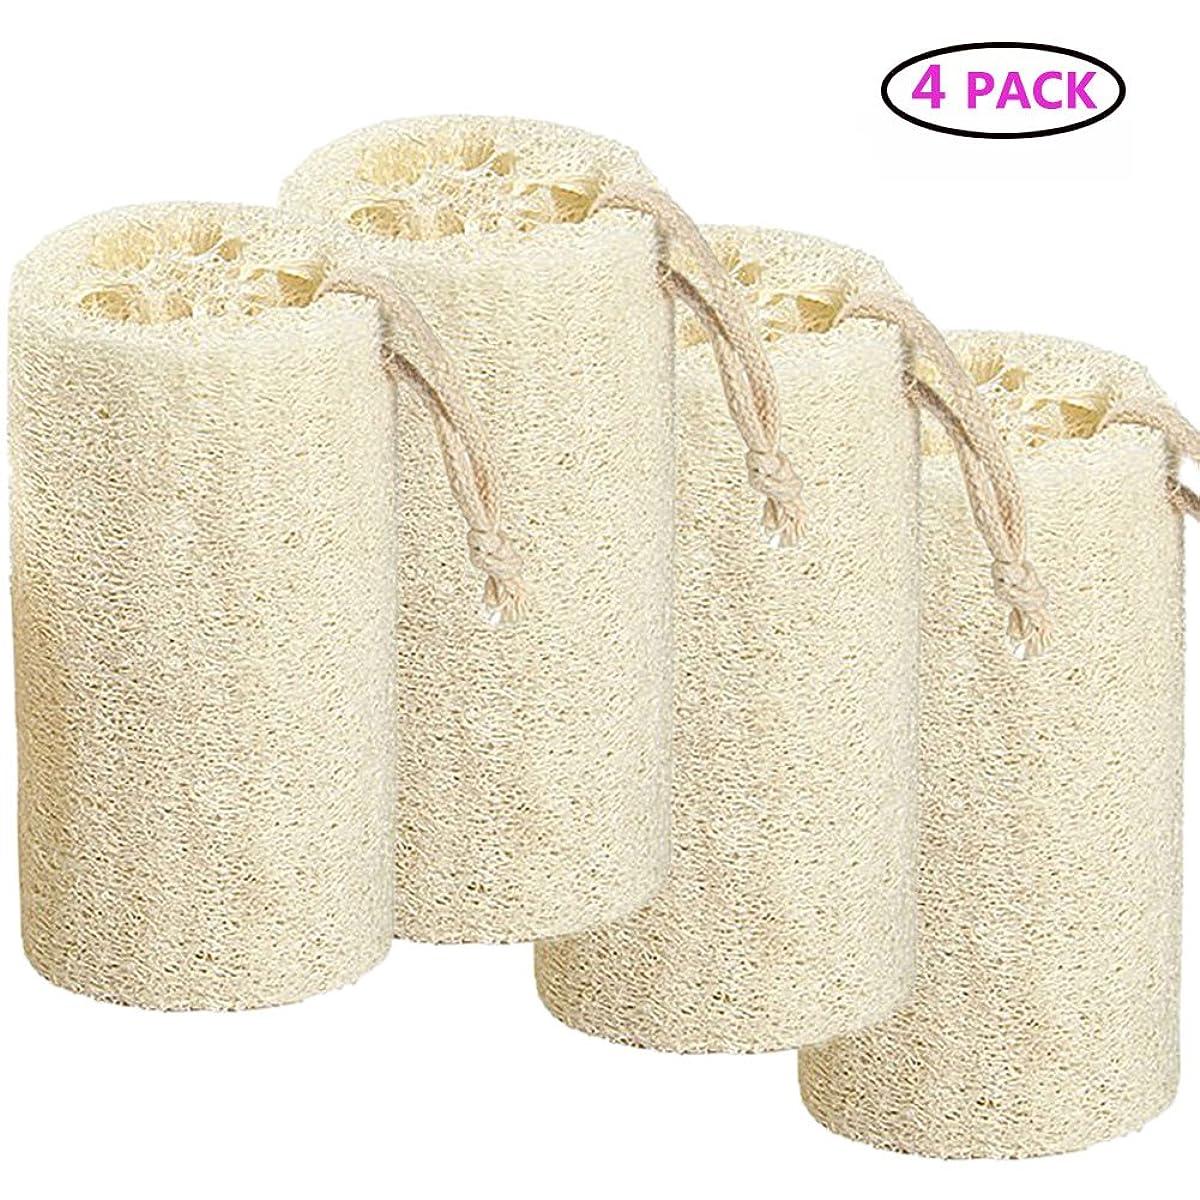 情熱的受賞相対的Natural Loofah バスボディスポンジバスルームシャワーエクスフォレイティングスクラバーブラシボディスパマッサージャー 10cm (4 pack)